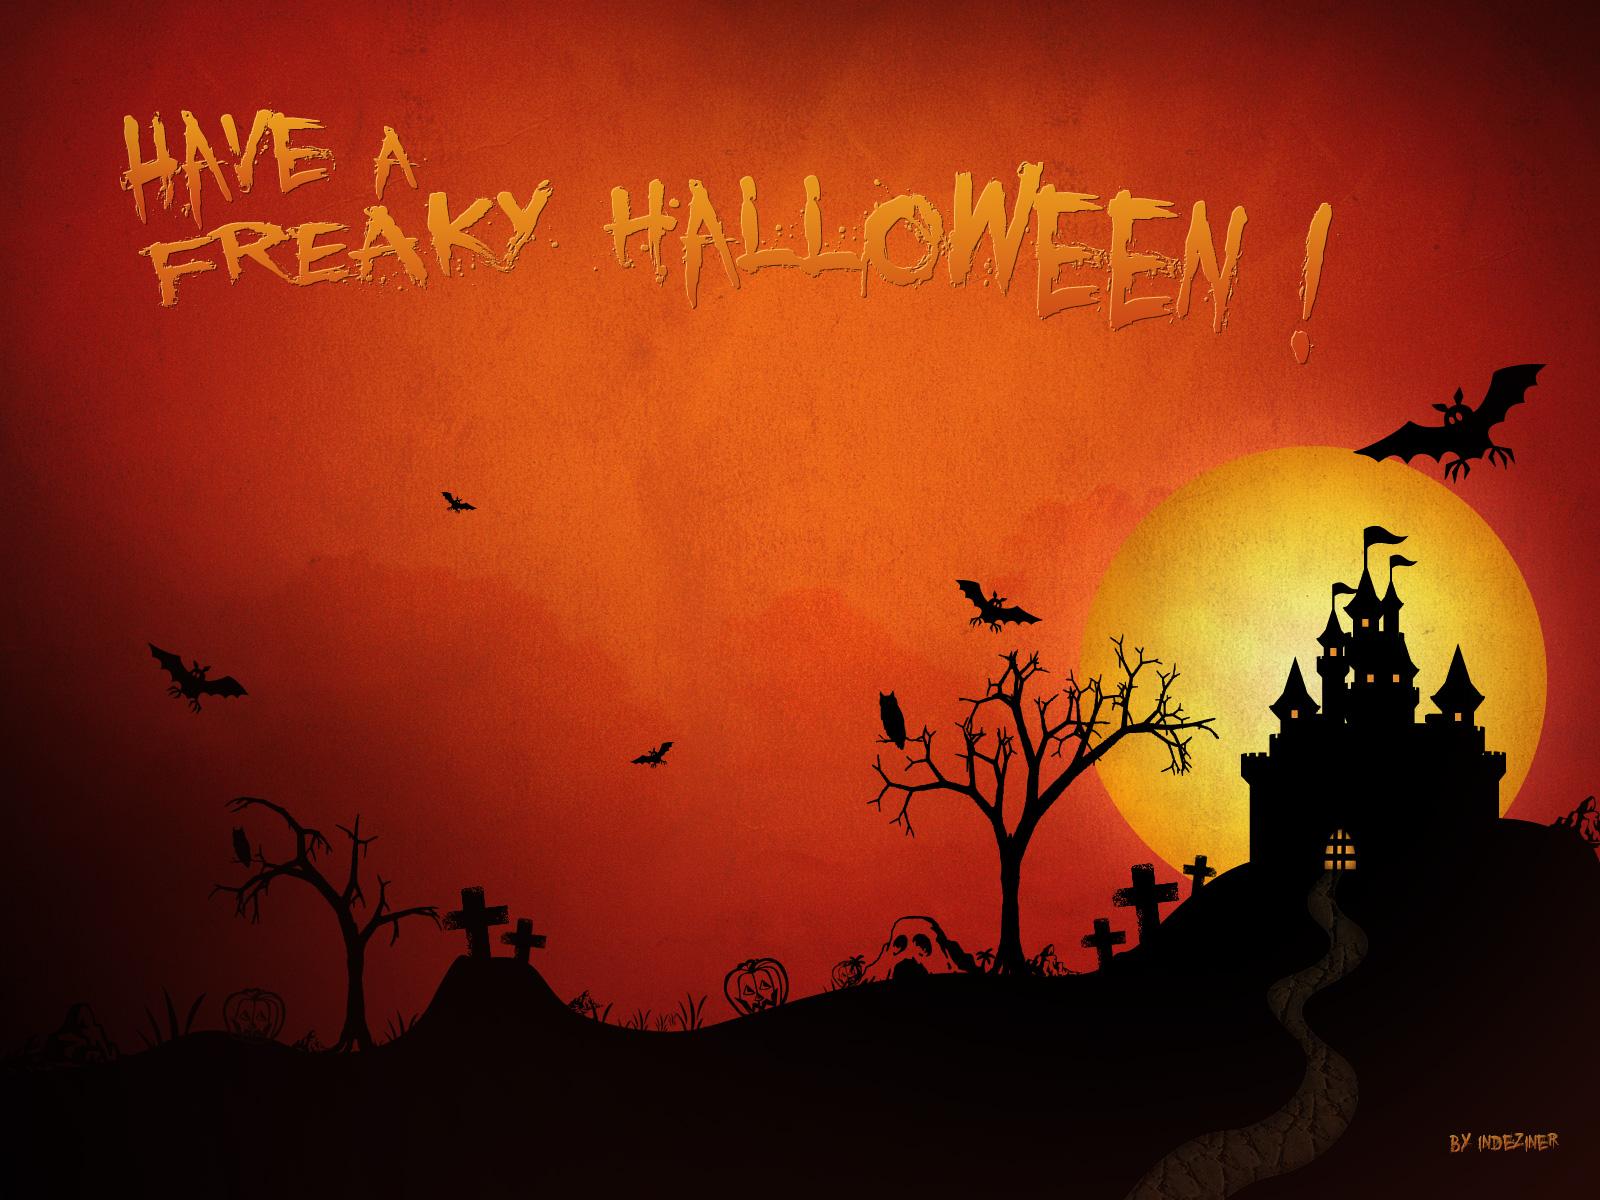 halloween_wallpapers15 - Halloween Party Wallpaper